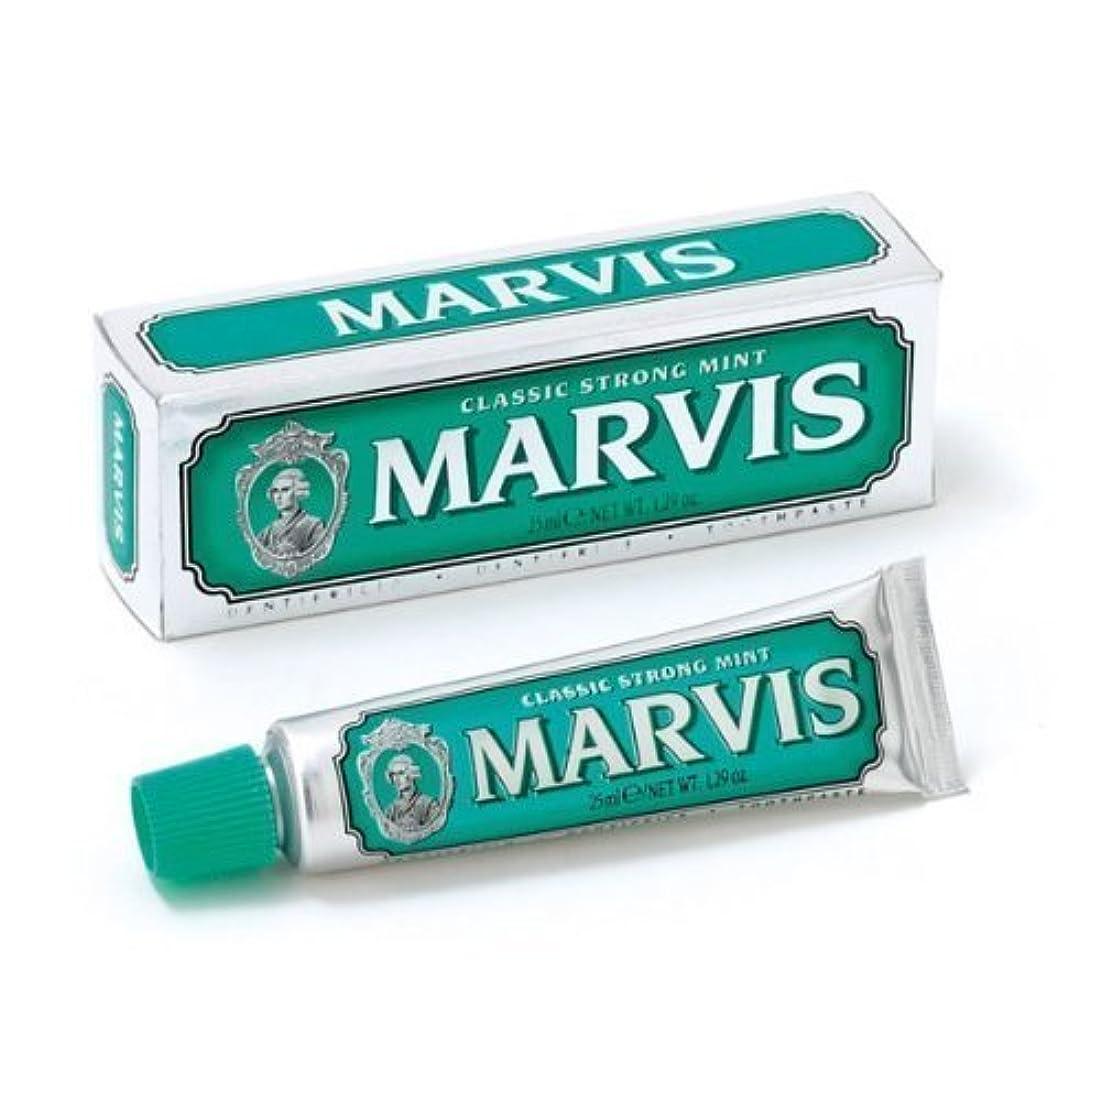 チャンピオンジャーナリスト脳Marvis Toothpaste - Classic Strong Mint 25ml Travel Size - 4 PACK by Marvis [並行輸入品]